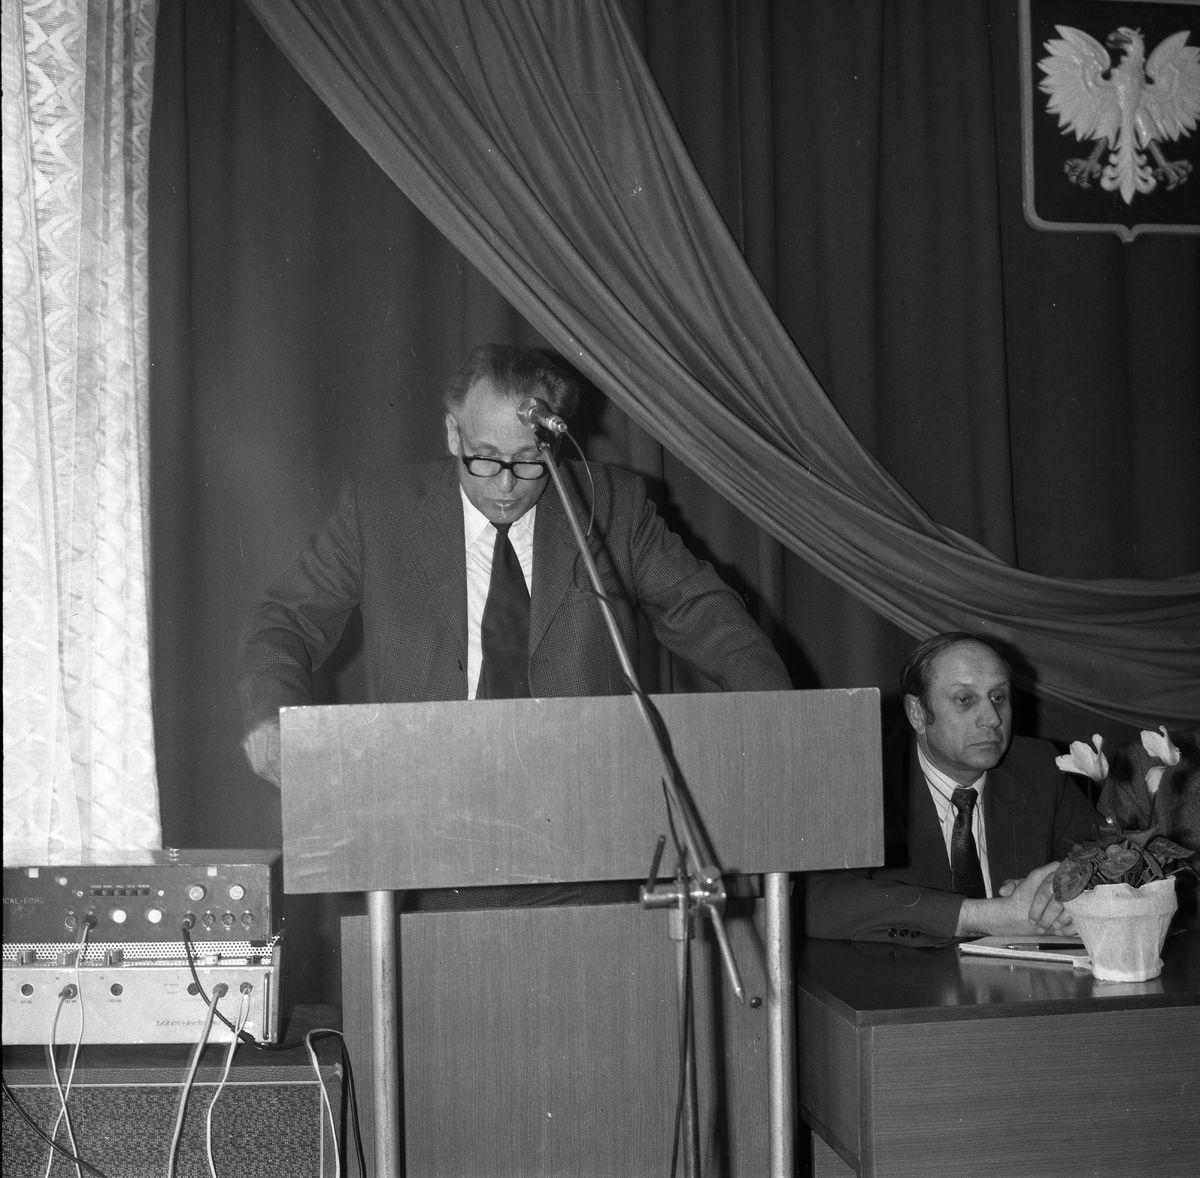 Wizyta konsula ZSRR w siedzibie KM PZPR [4]